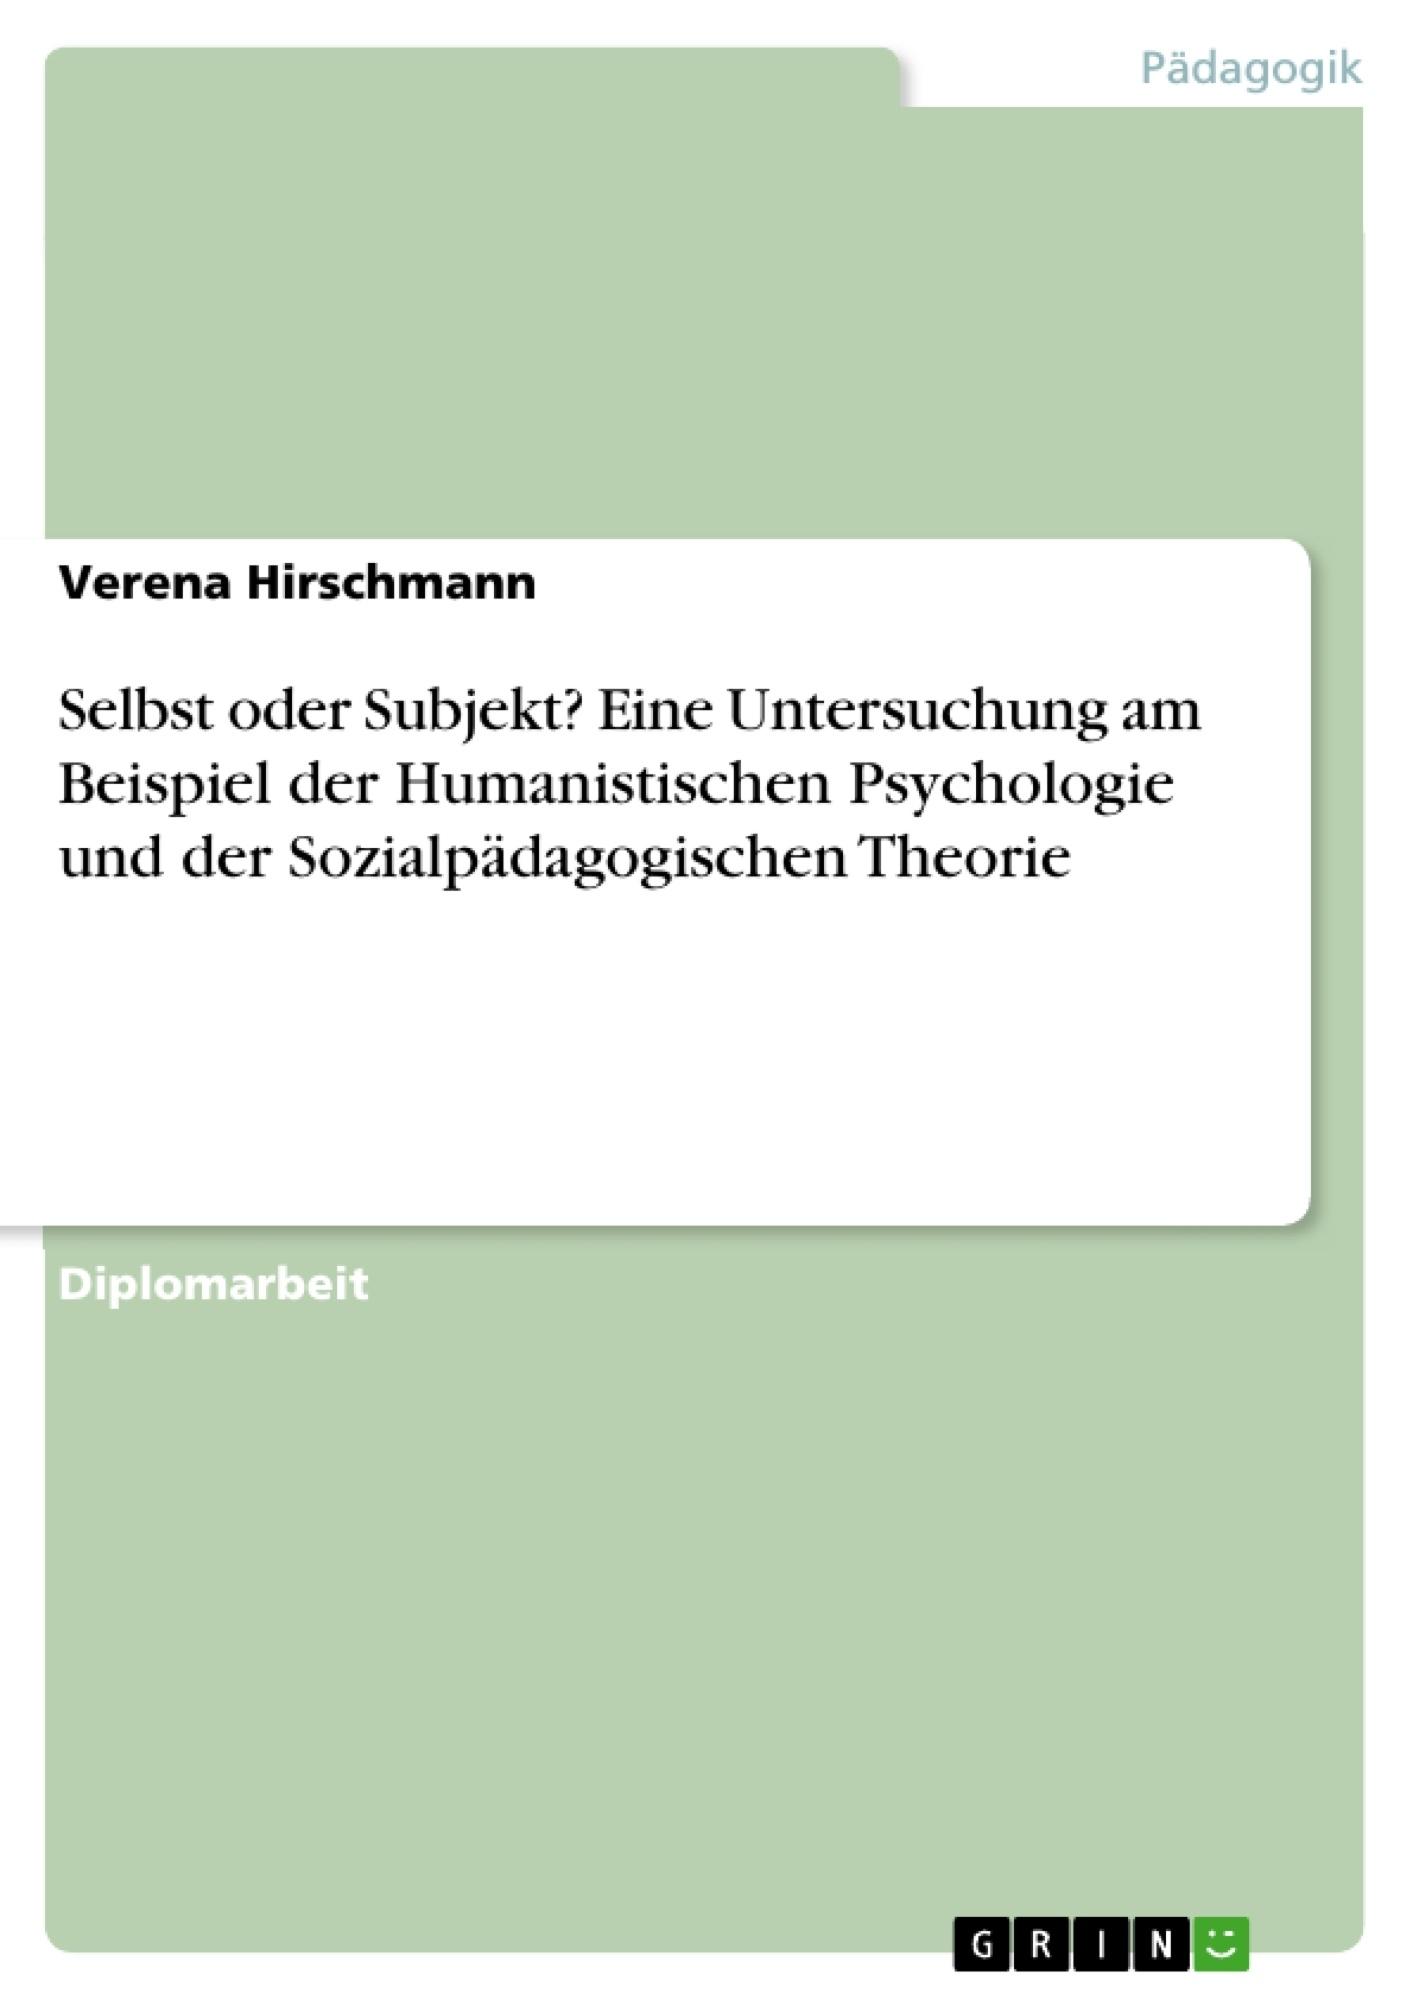 Titel: Selbst oder Subjekt? Eine Untersuchung am Beispiel der Humanistischen Psychologie und der Sozialpädagogischen Theorie